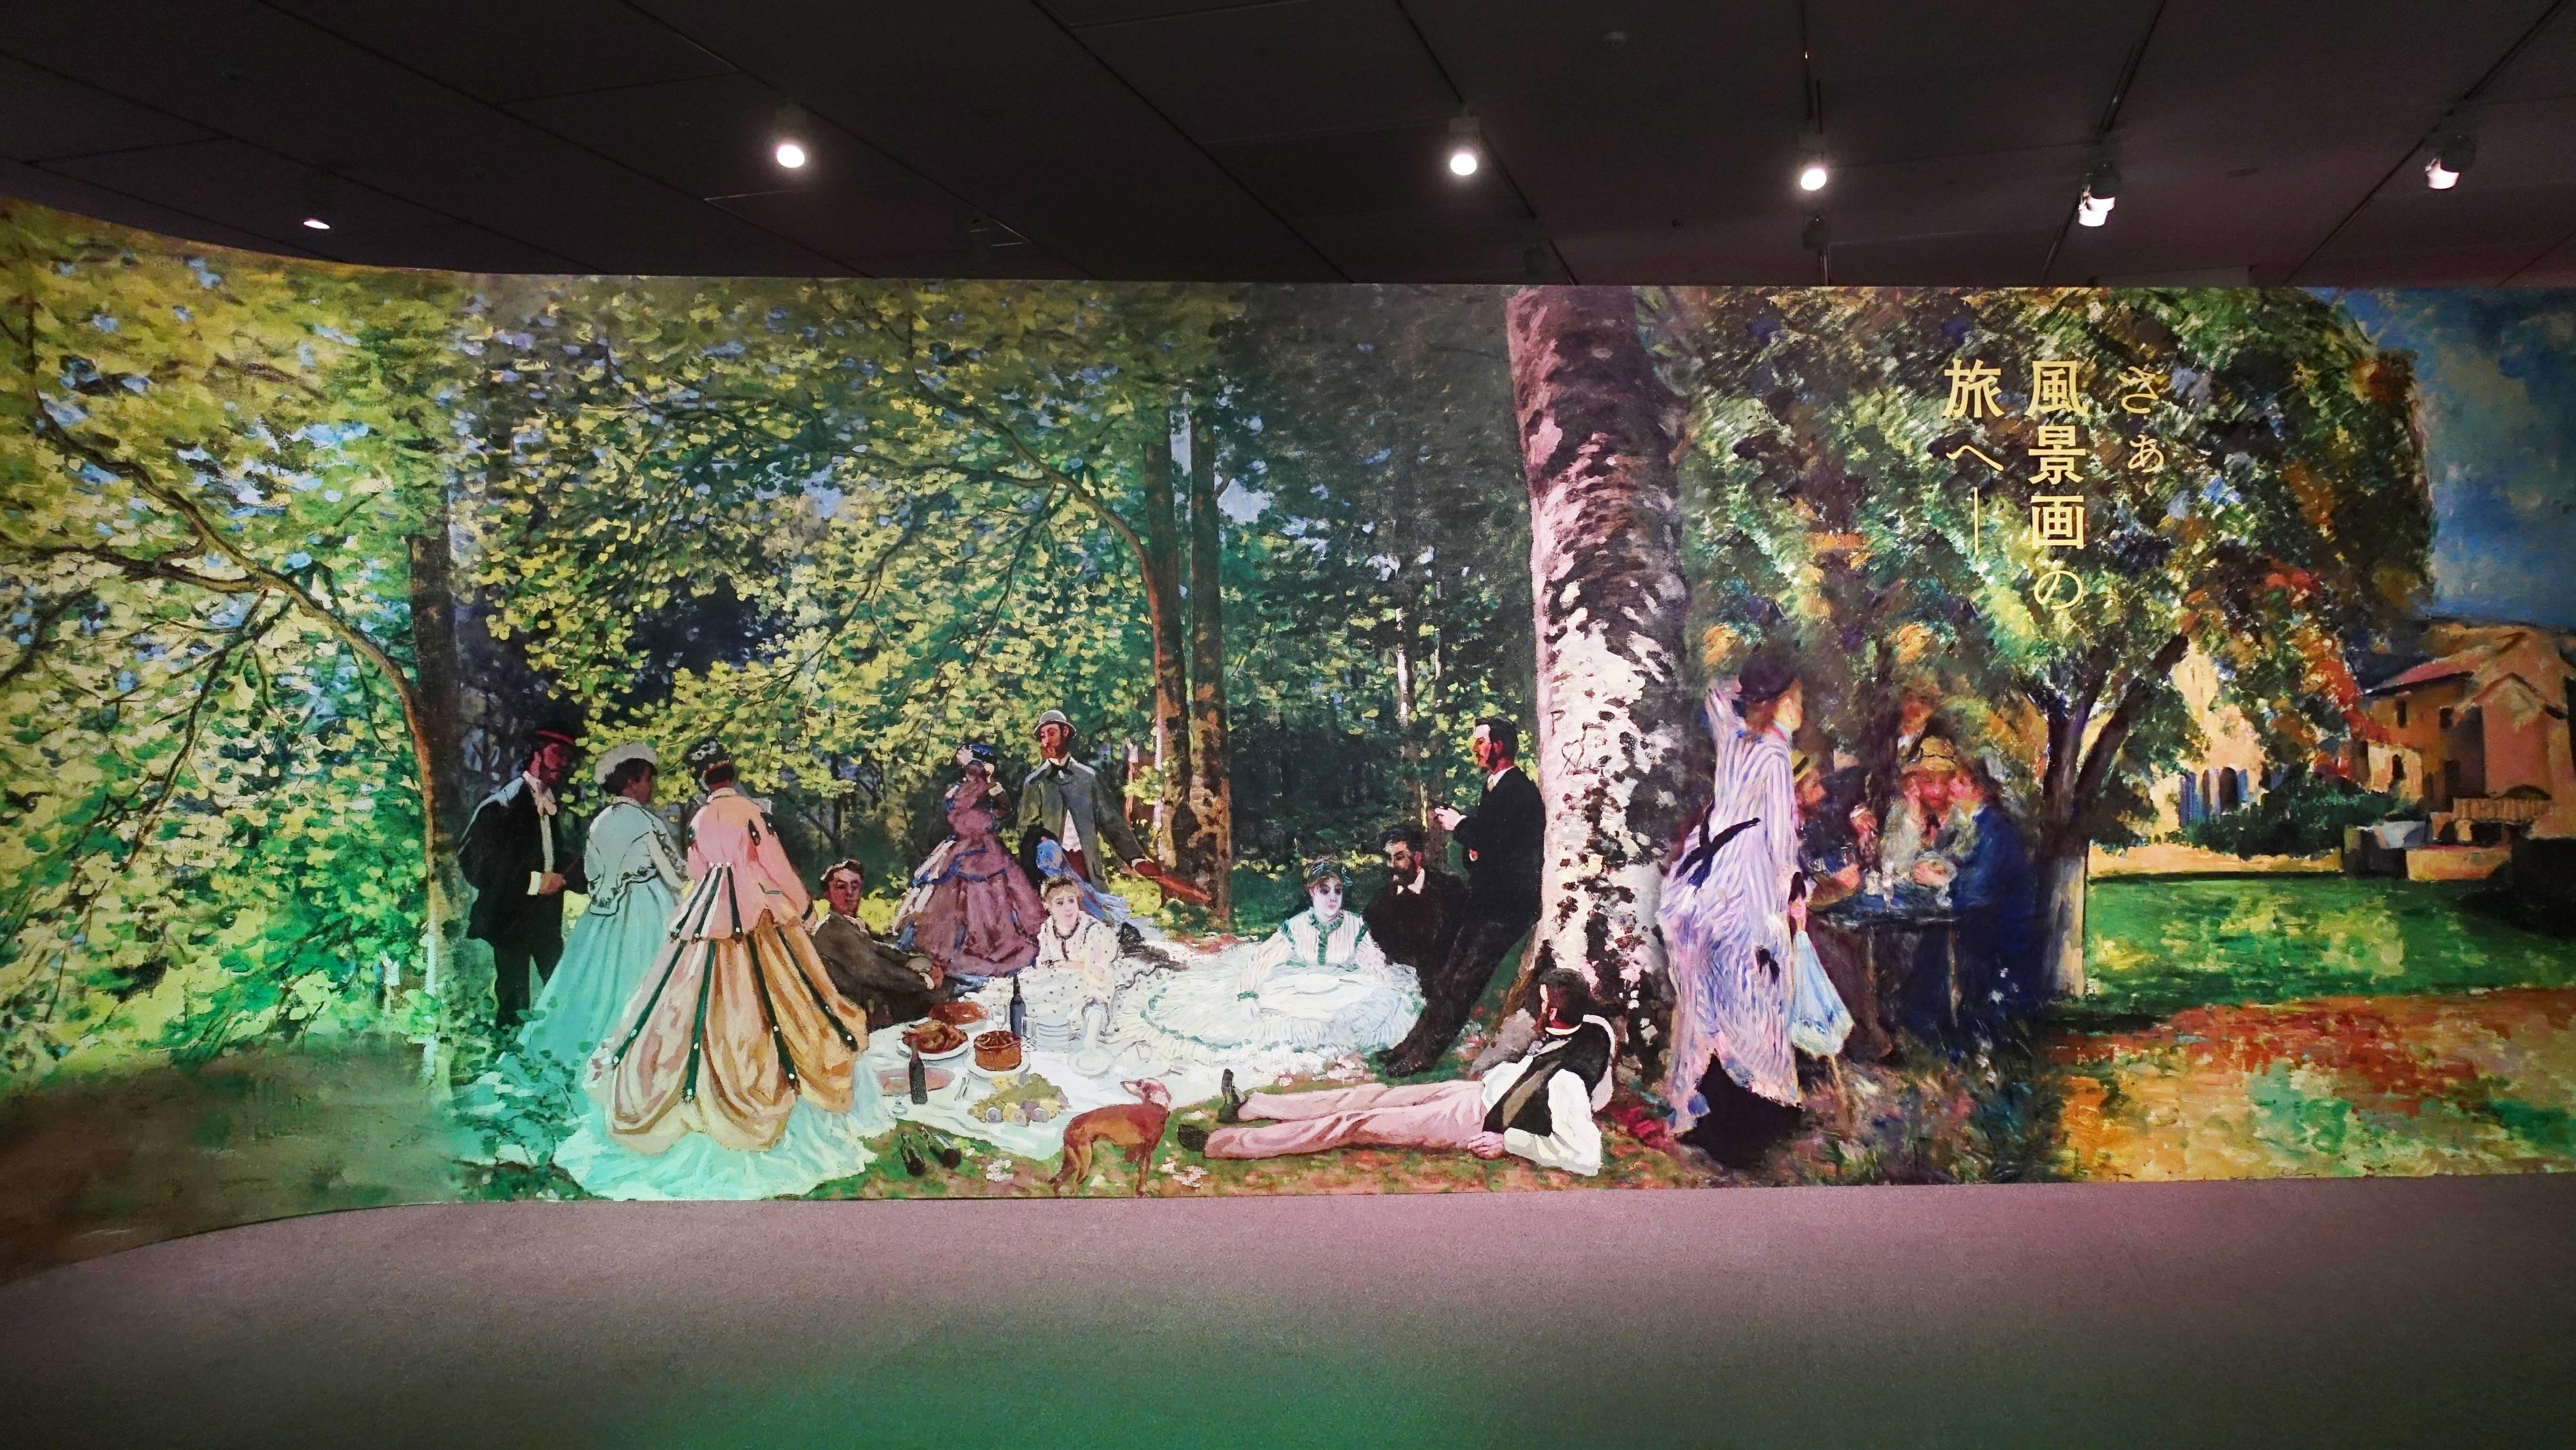 日本東京都美術館【普希金博物館繪畫特展-法國風景畫的旅行】展場現場挪用莫內《草地上的午餐》作品為主視覺。